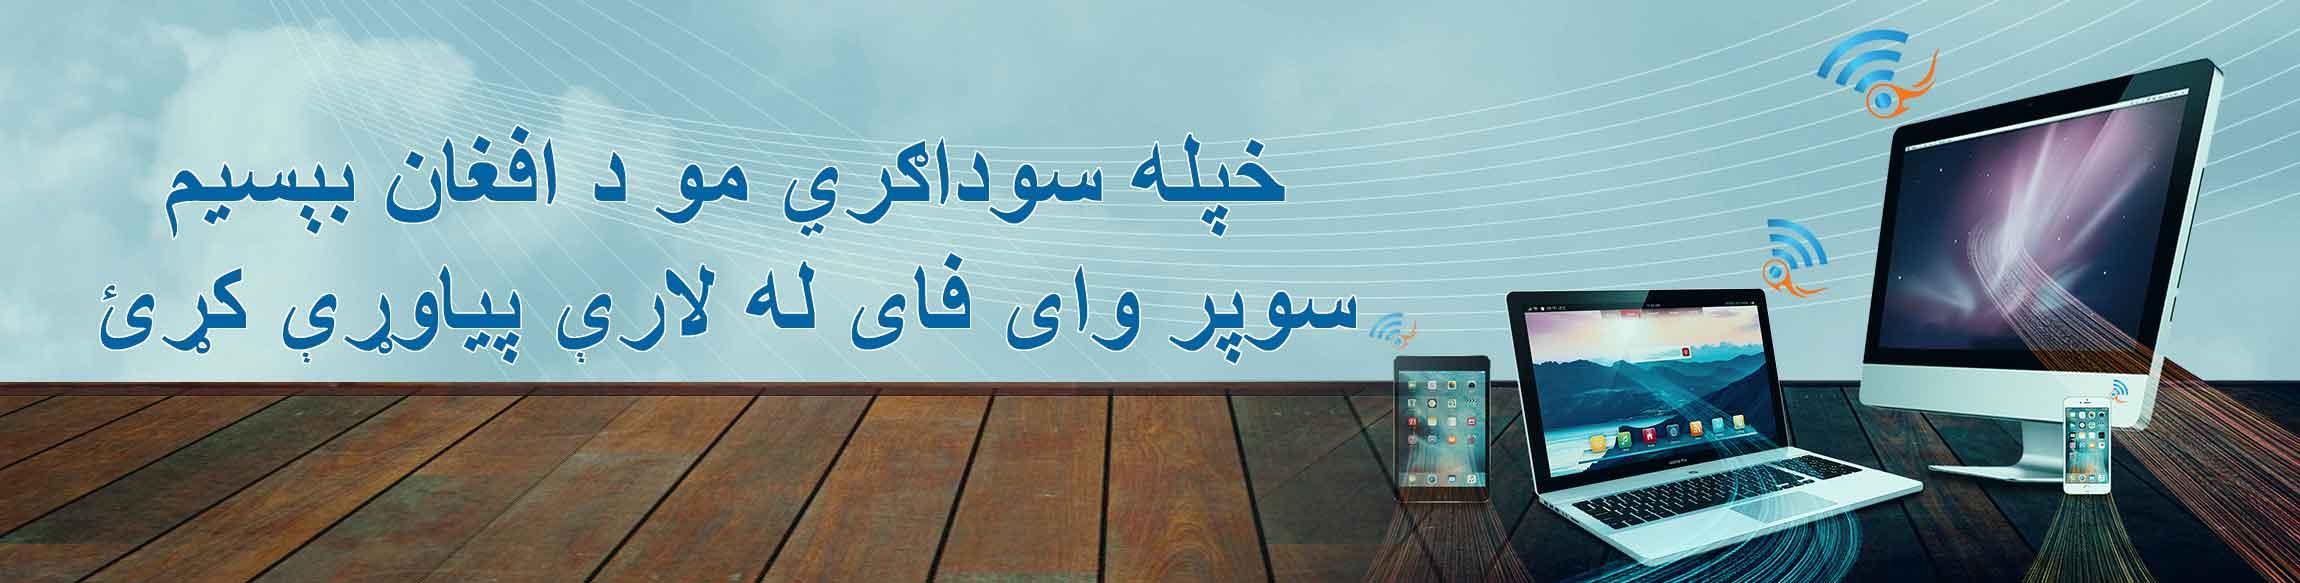 Super-WiFi-Pashto